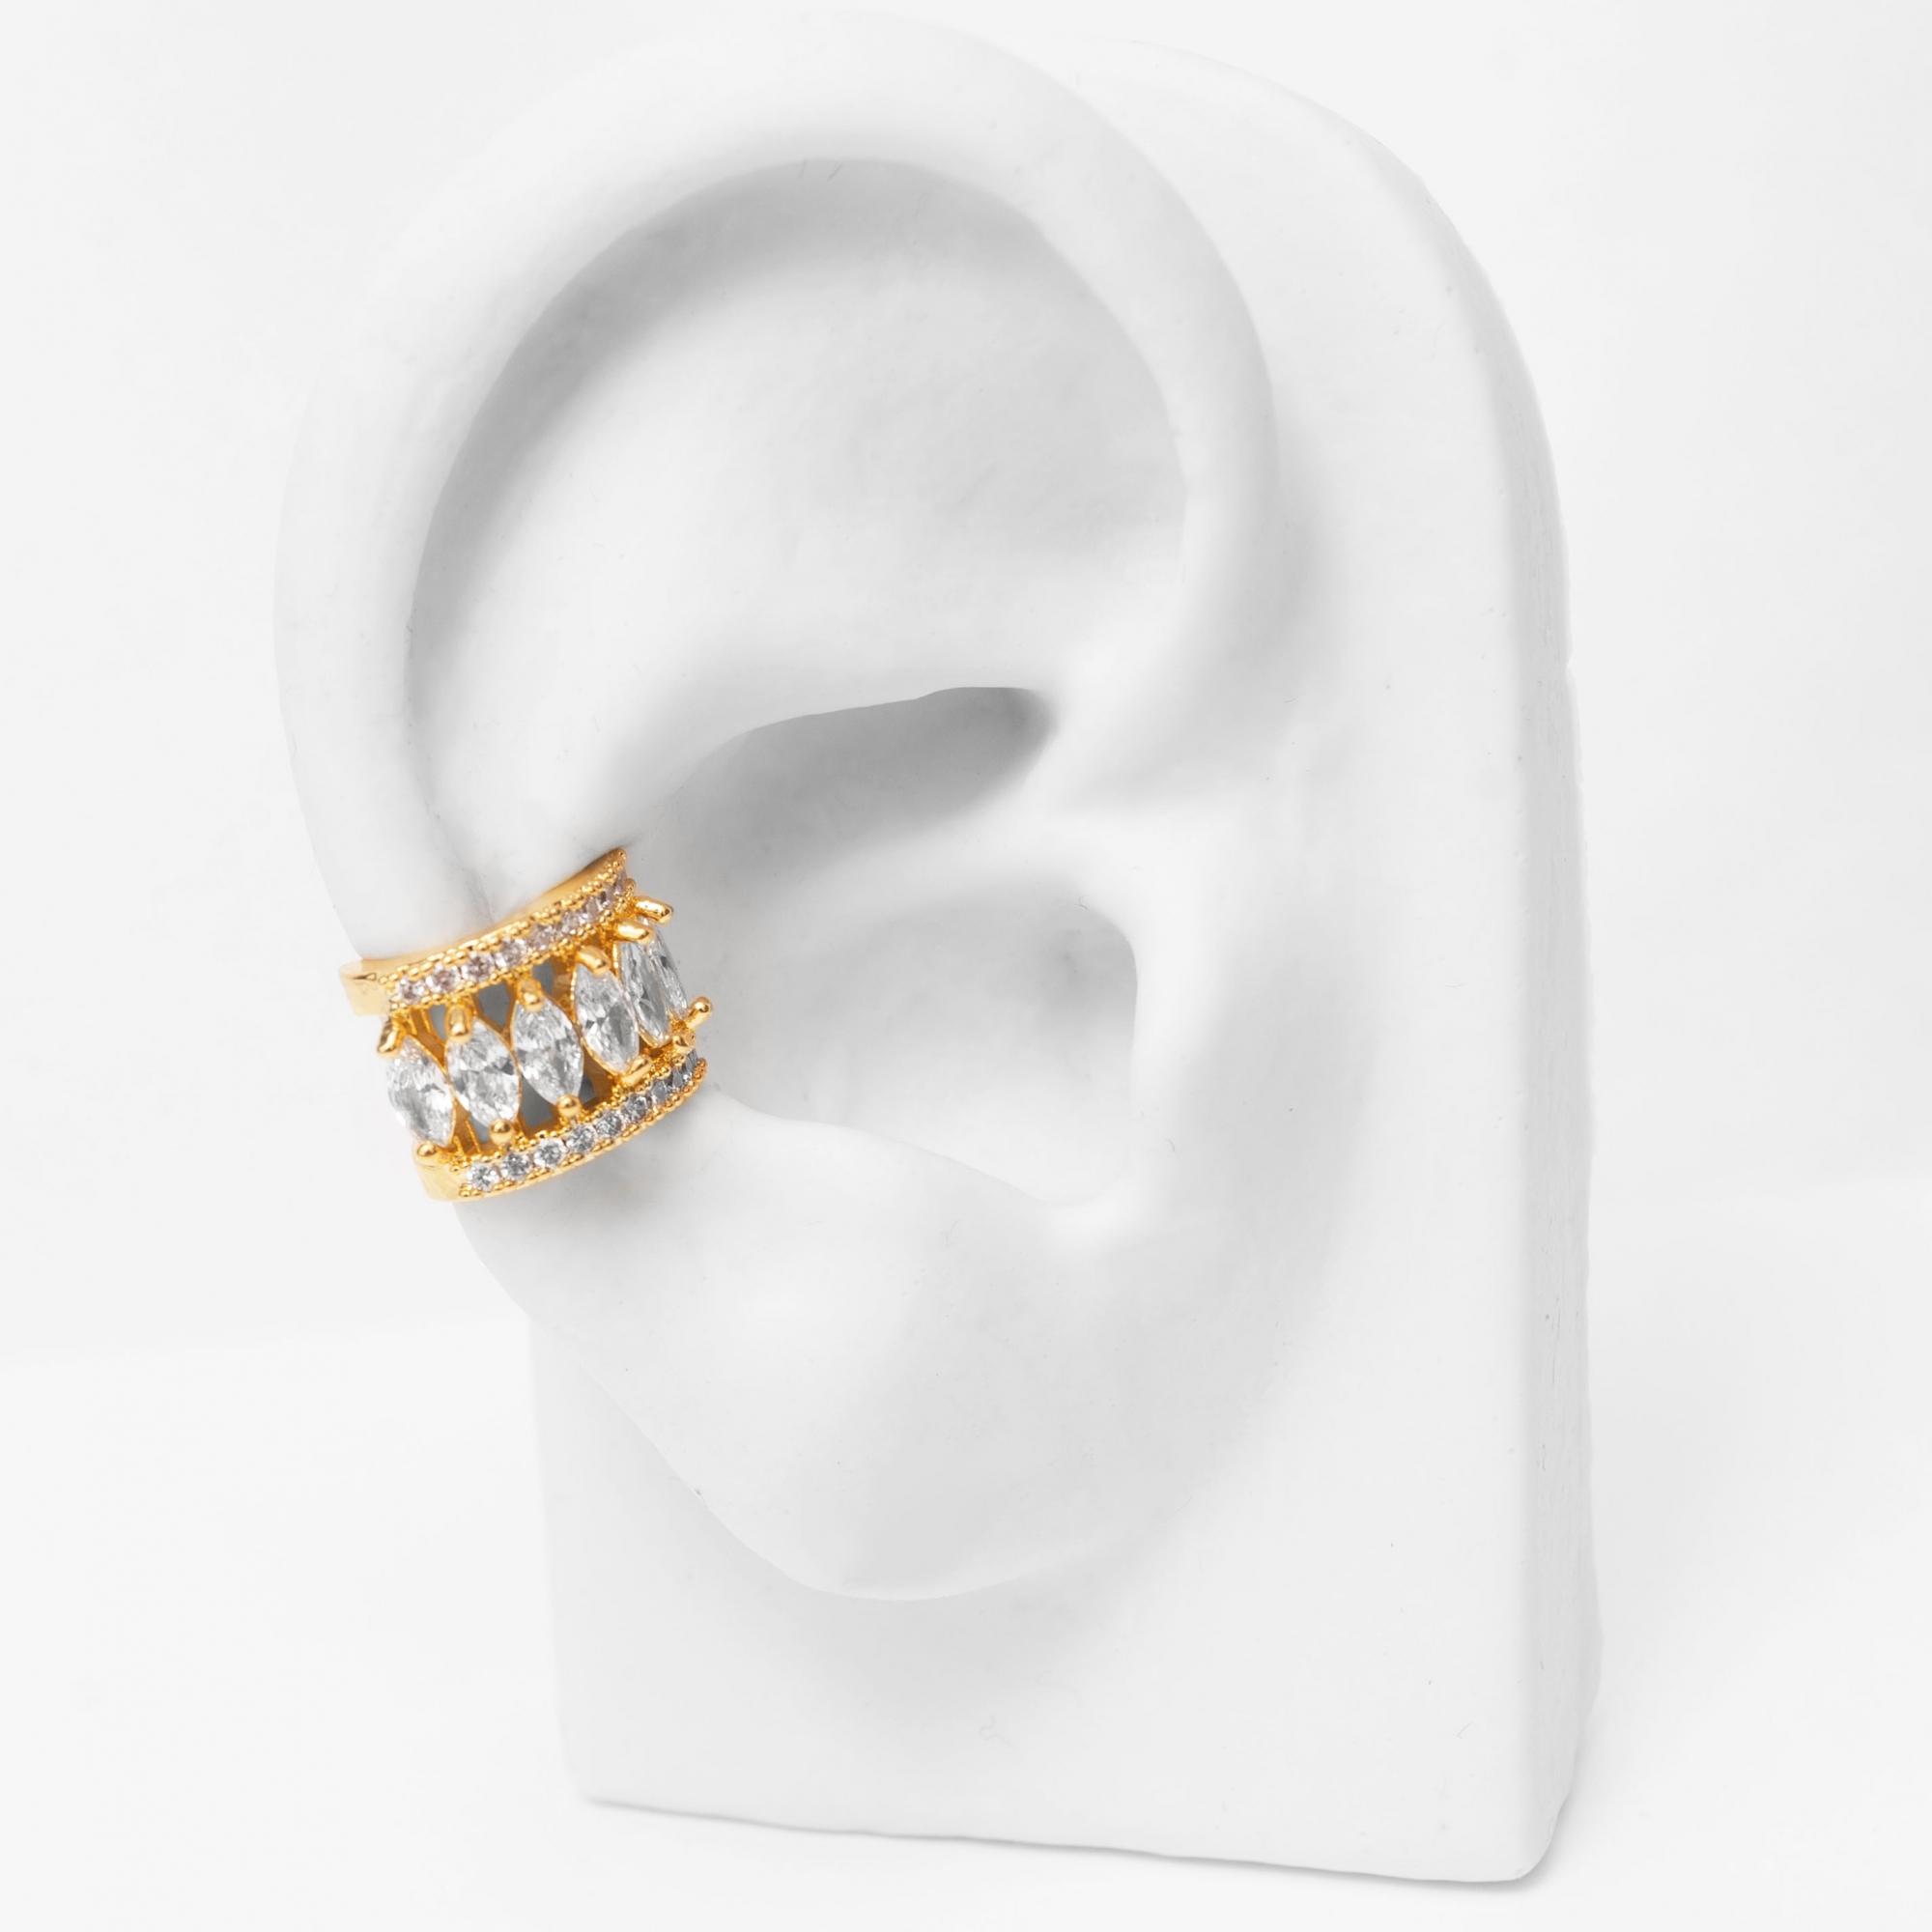 Brinco Piercing Fake com Oval de Zircônias Folheado Ouro 18k  - Lunozê Joias